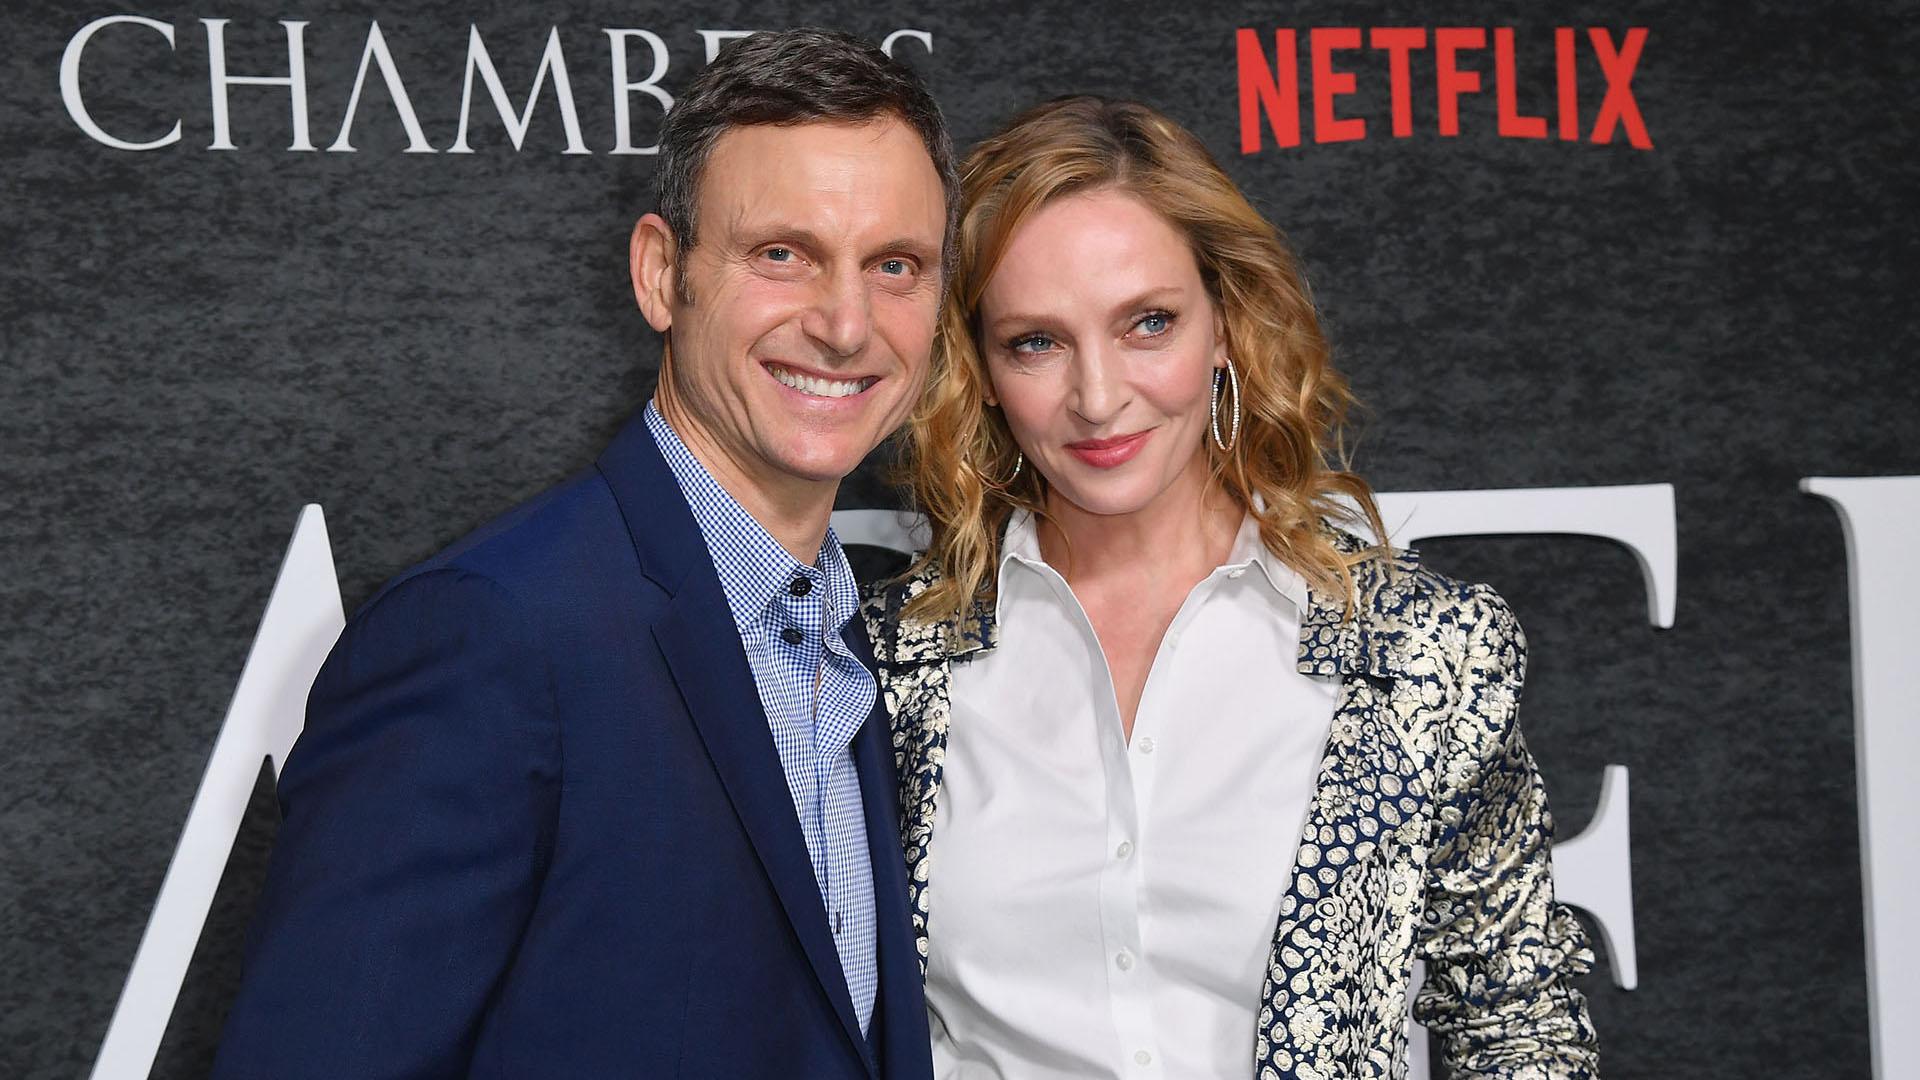 """Los actores protagónicos Uma Thurman y Tony Goldwyn a su llegada a la premiere """"Chambers"""" en Nueva York"""